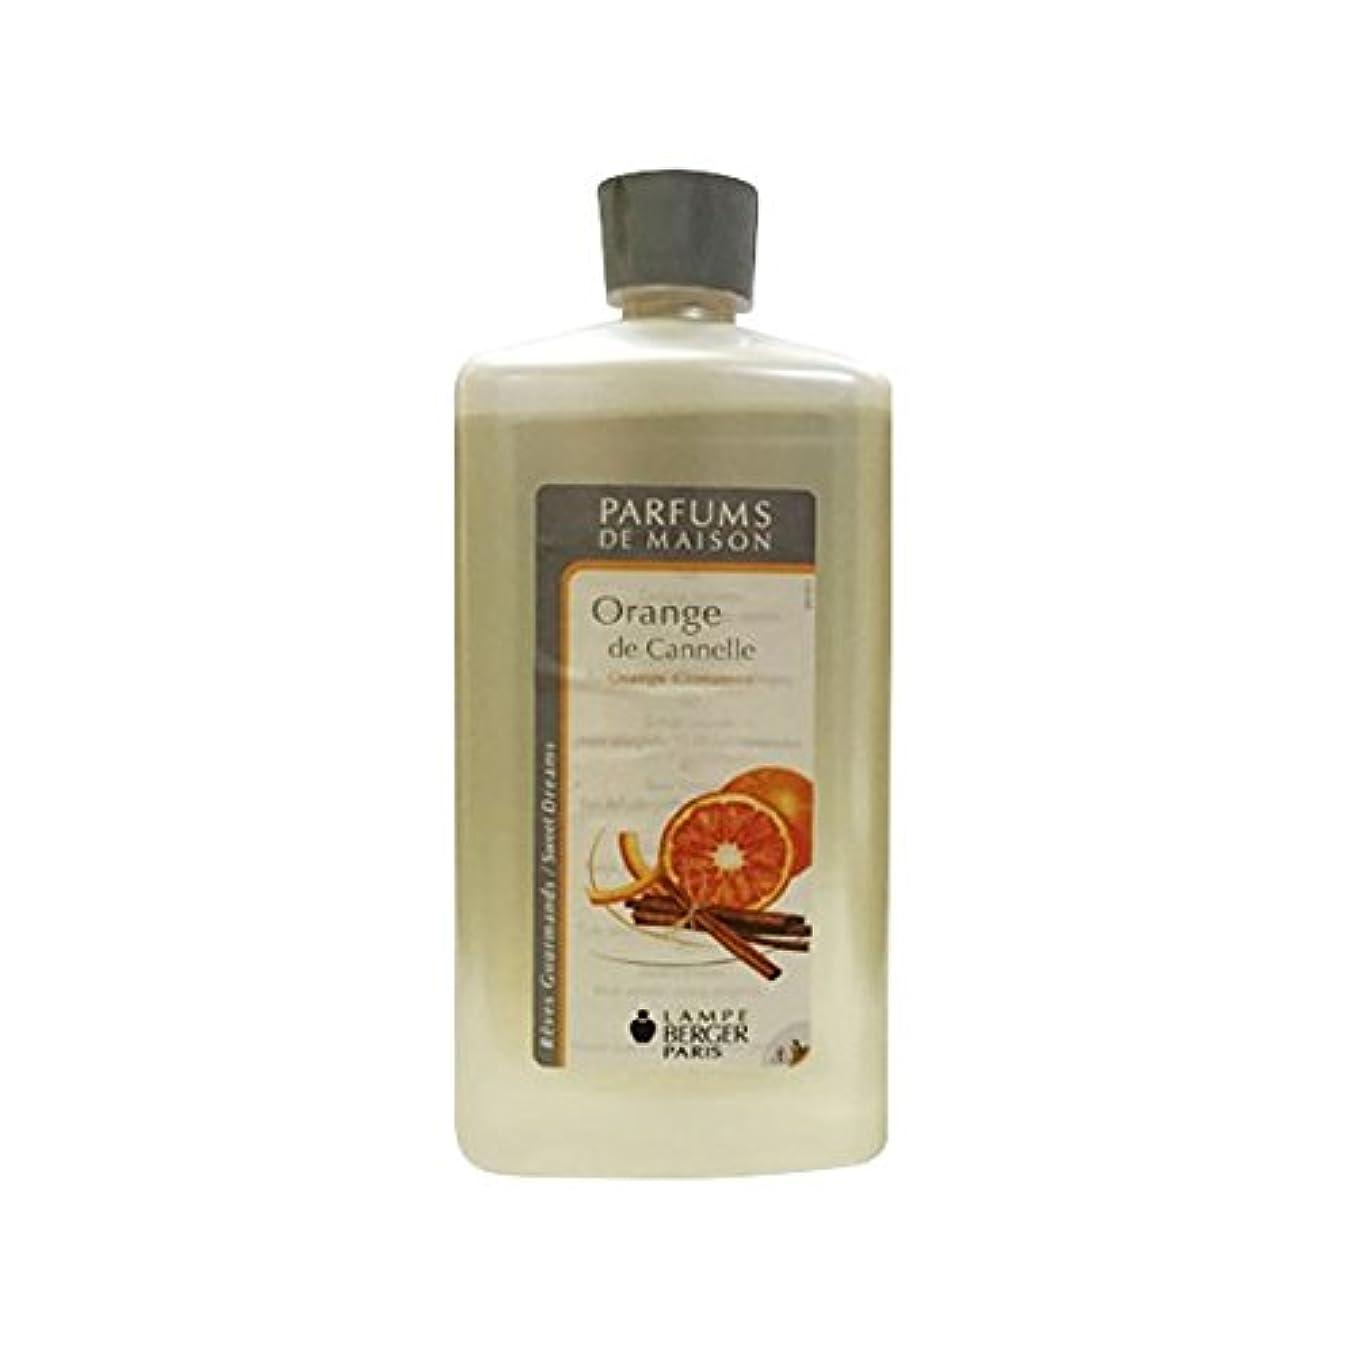 乙女酒期間ランプベルジェオイル(オレンジシナモン)Orange de Cannelle / Orange Cinnamon